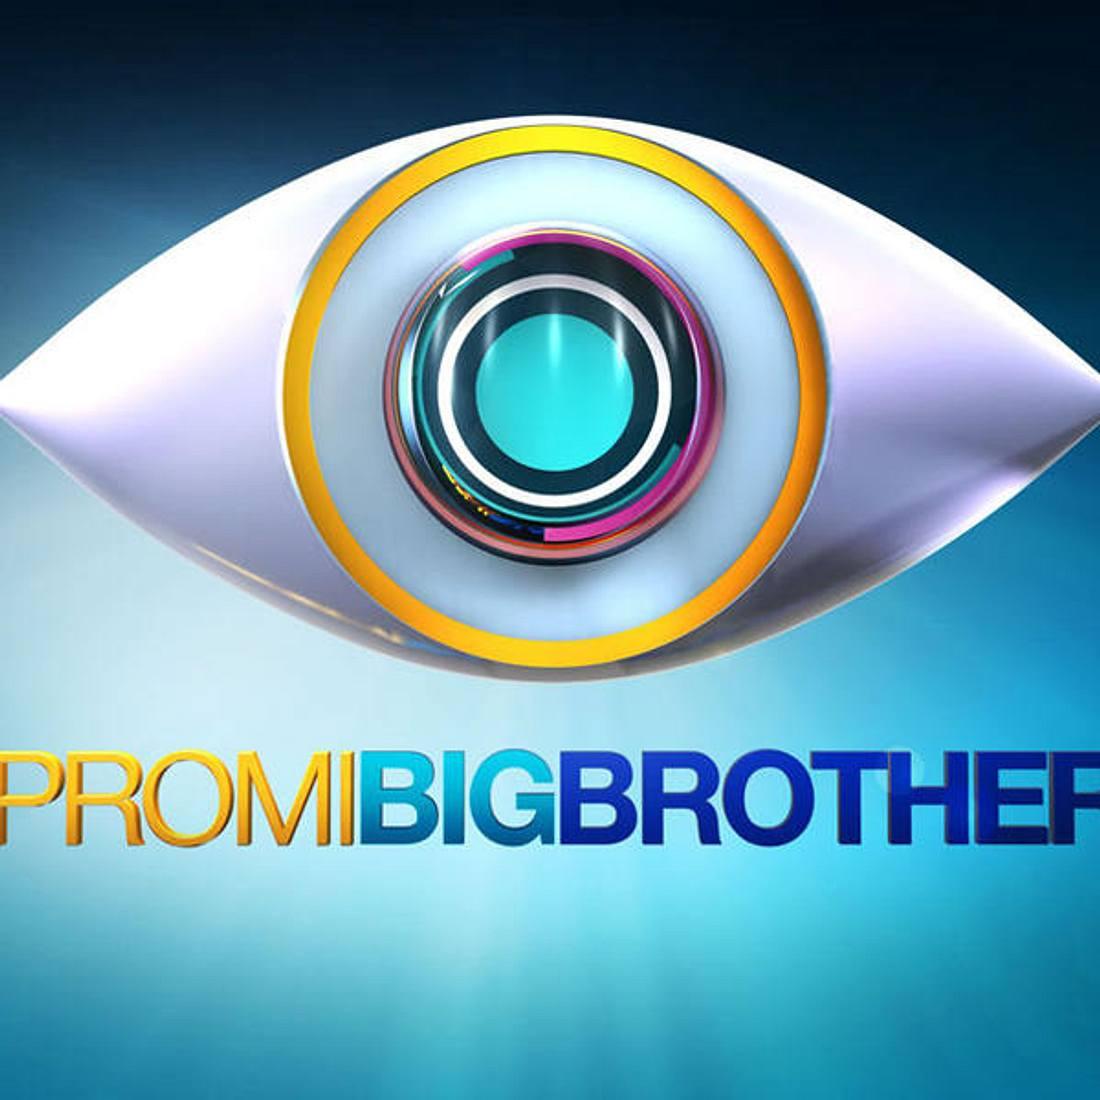 Promi Big Brother: Mit diesen knallharten neuen Regeln überrascht Sat.1 die Bewohner!